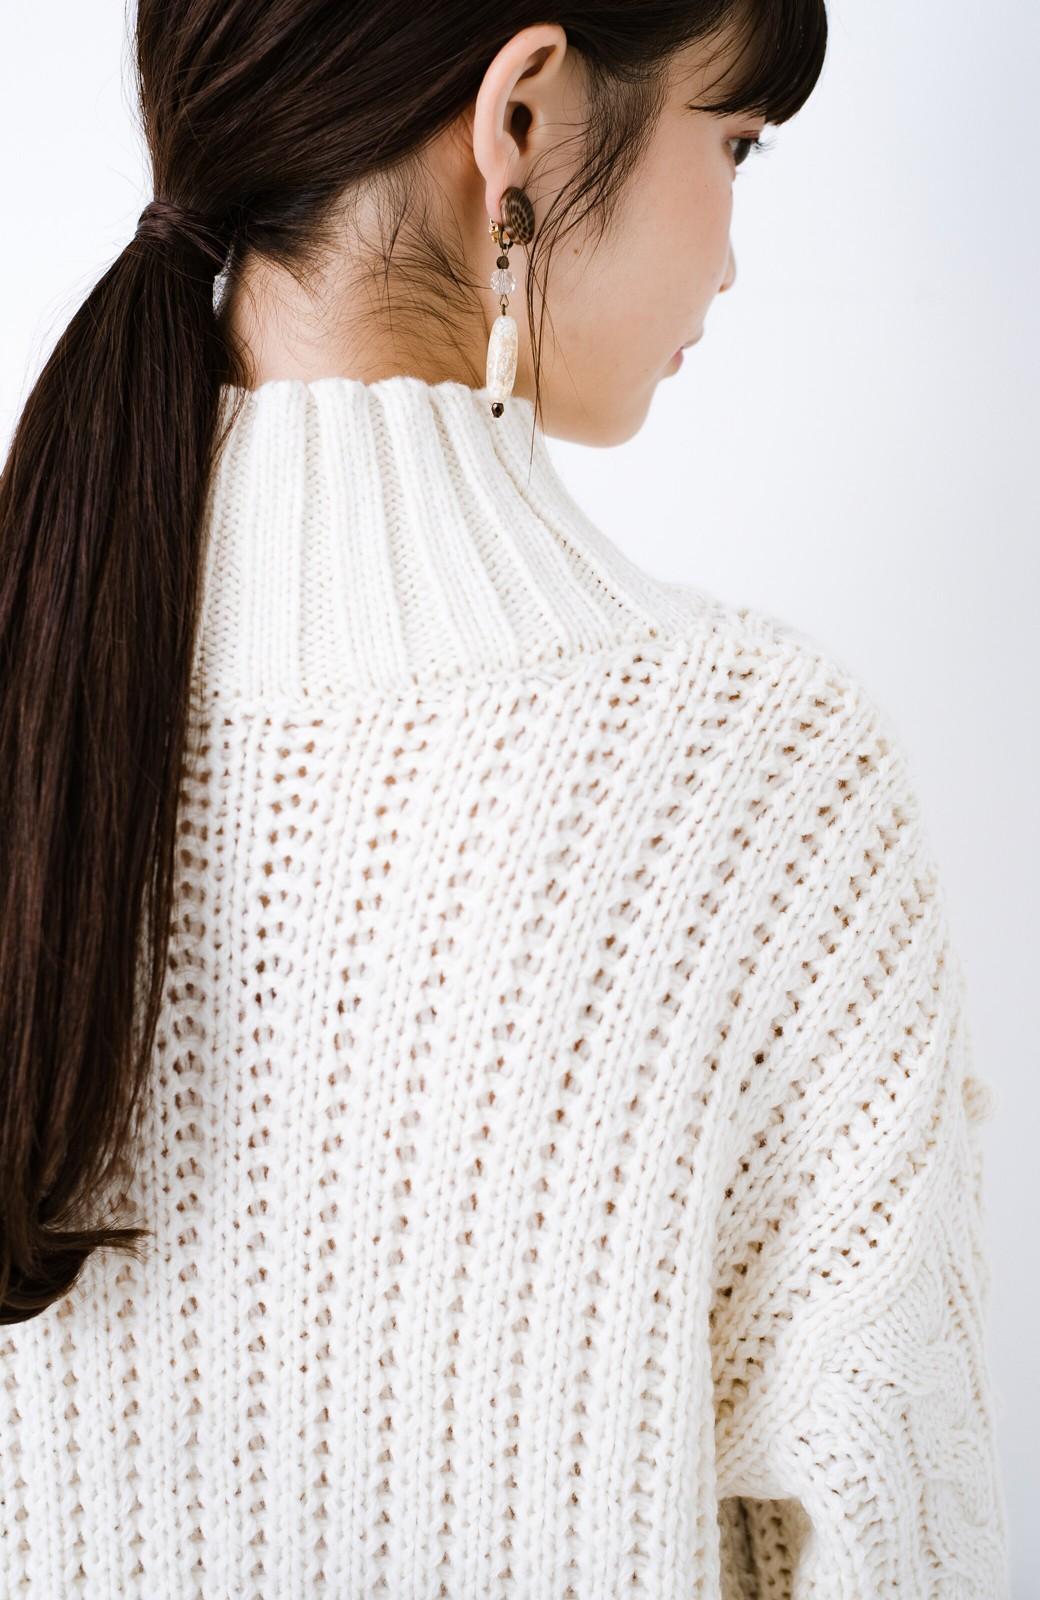 haco! ざっくり編みは女の子がかわいく見えるってよ(噂)パプコーンローゲージニット <アイボリー>の商品写真4